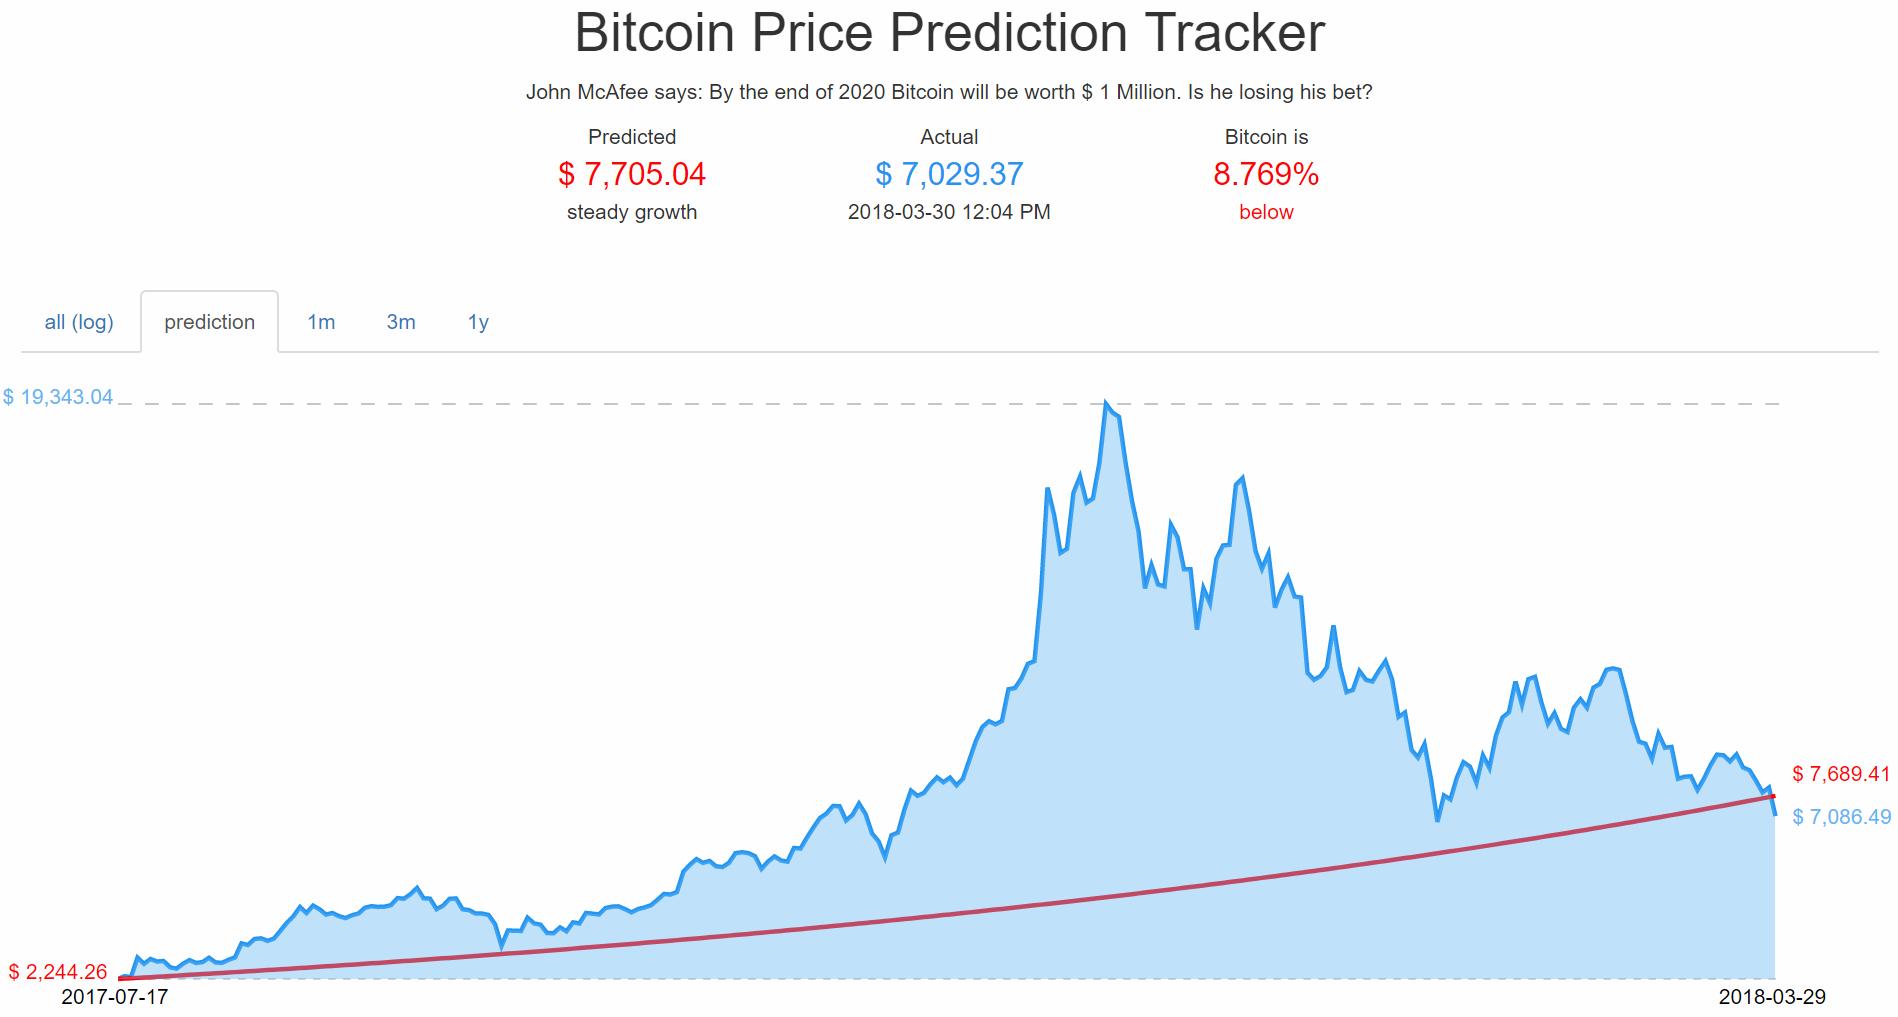 Prédiction pour le Bitcoin - John McAfee